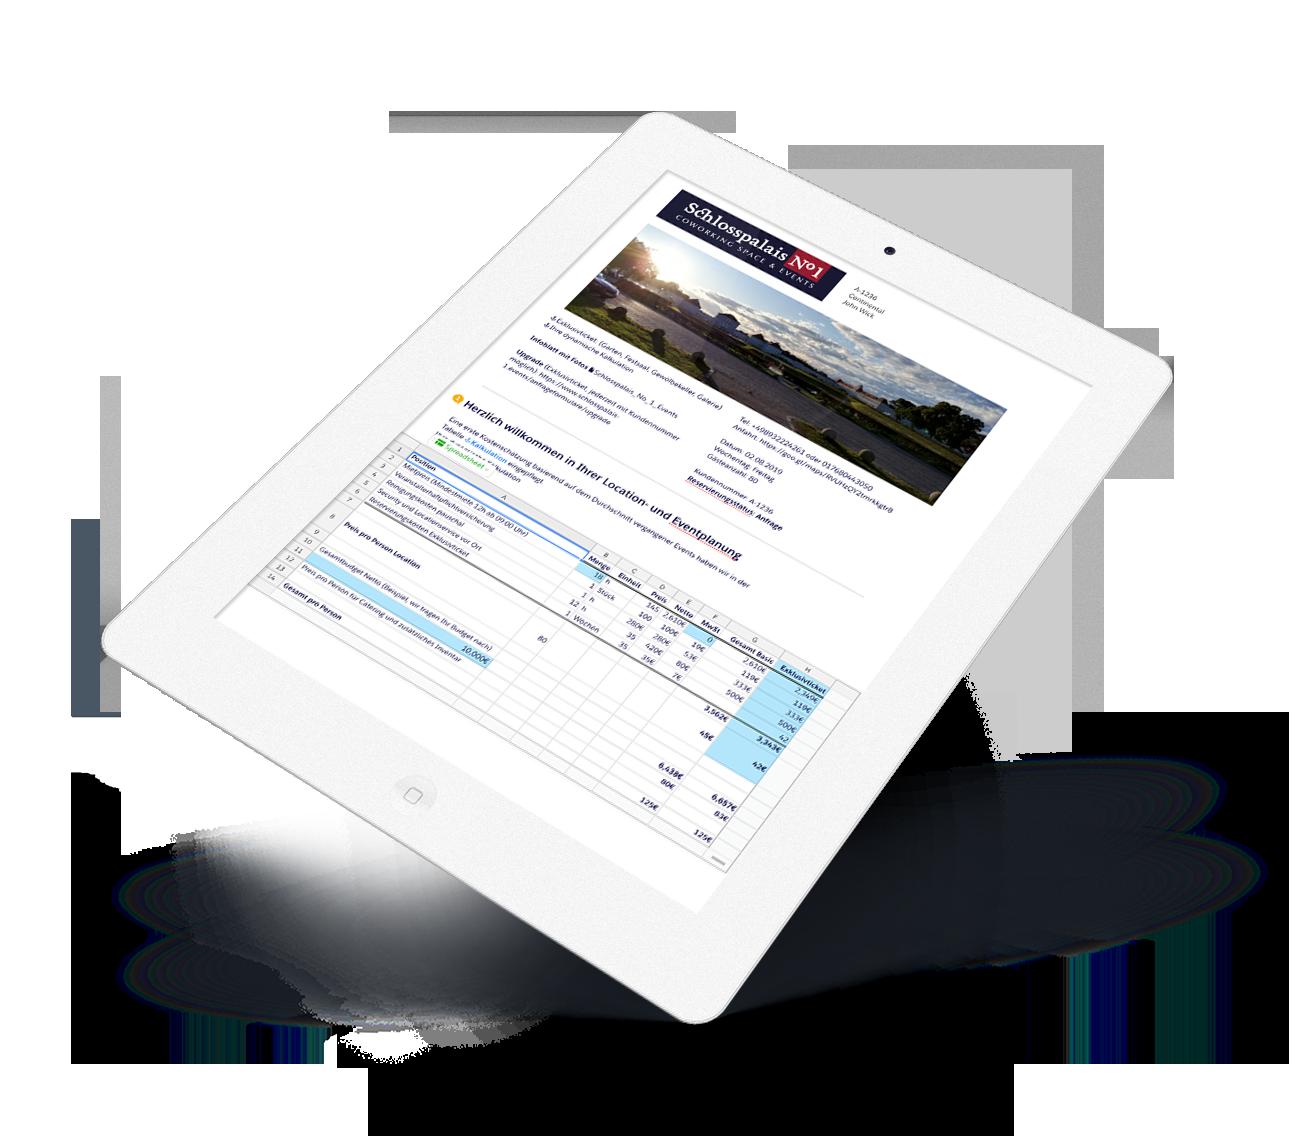 Exklusive-Eventlocation-App-Kostenübersicht